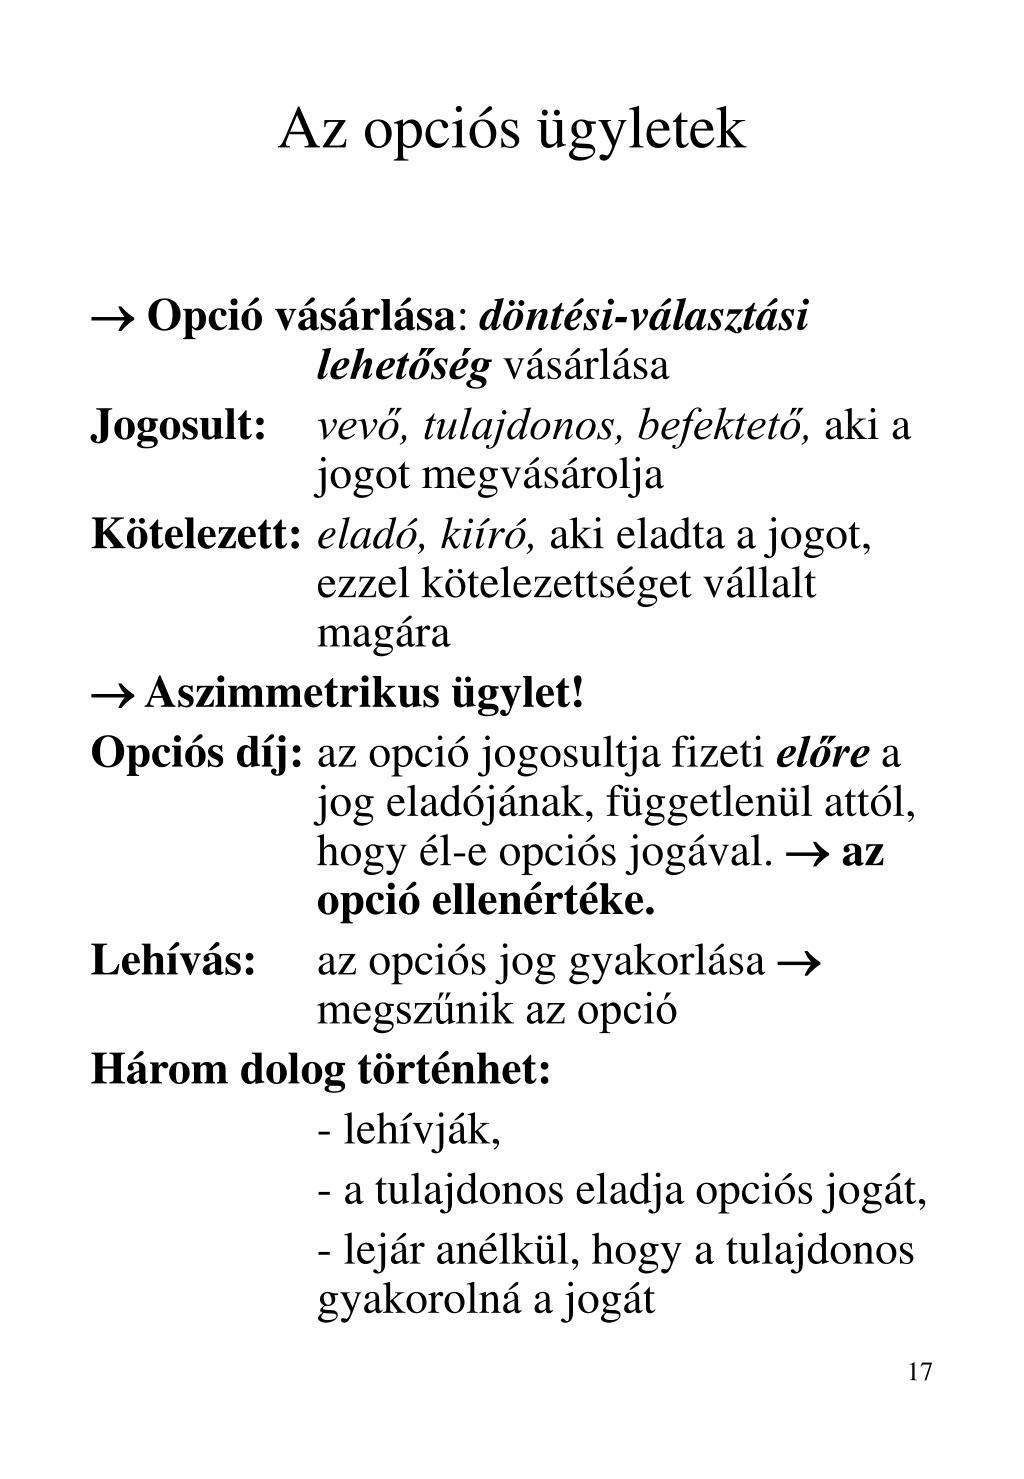 100 opció gyakorlása)